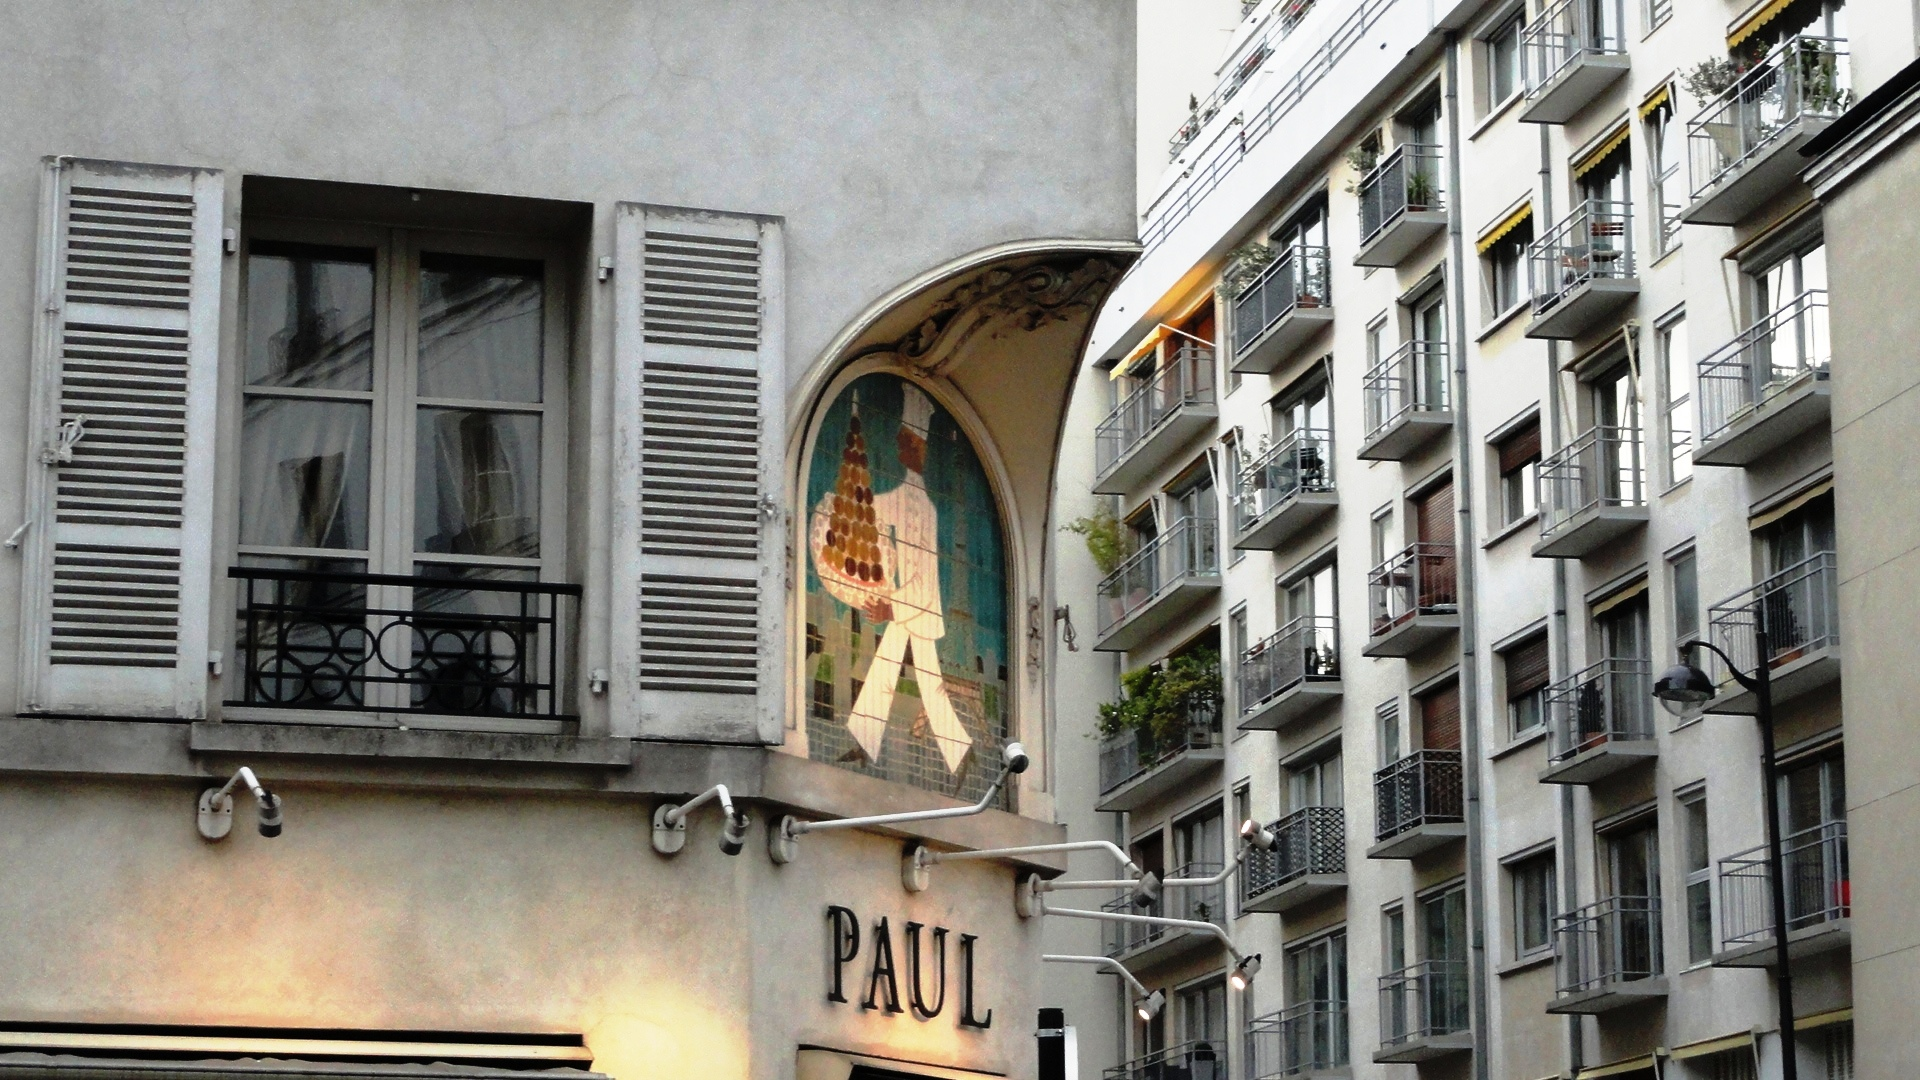 Chez Paul - Rue de la Tour, Paris 16e